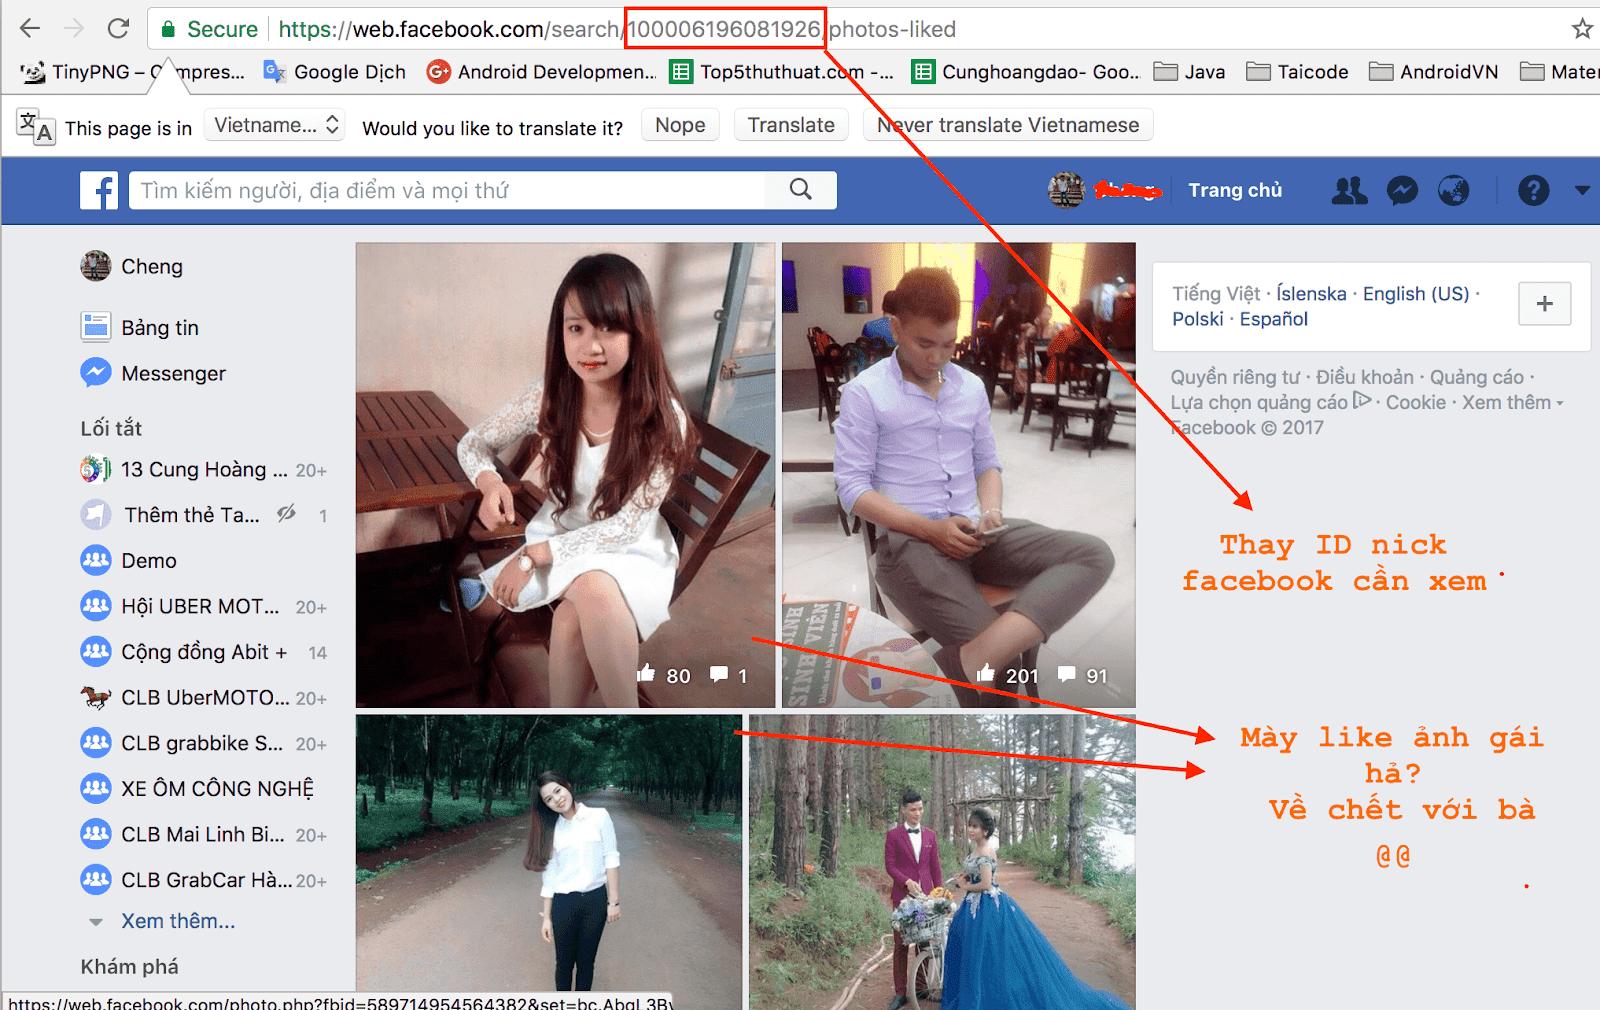 Xem người khác đã like những ảnh nào trên facebook